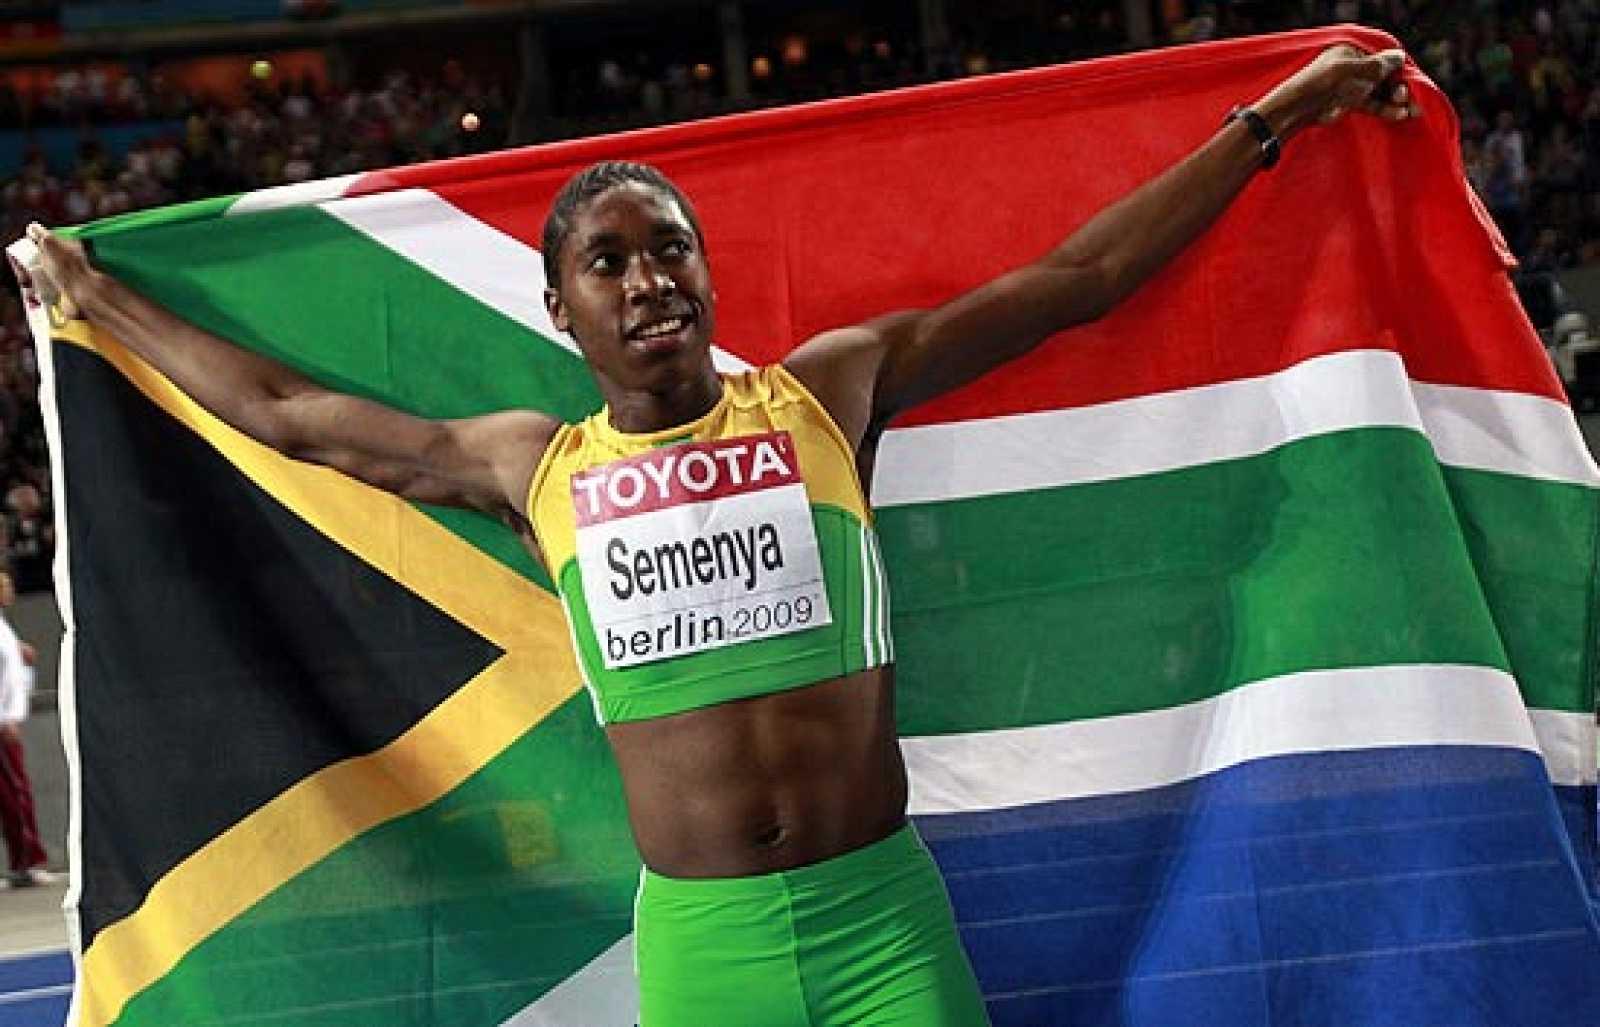 Vea la carrera de la final. Medalla de oro para Semenya. Mayte Fernández fue sexta.